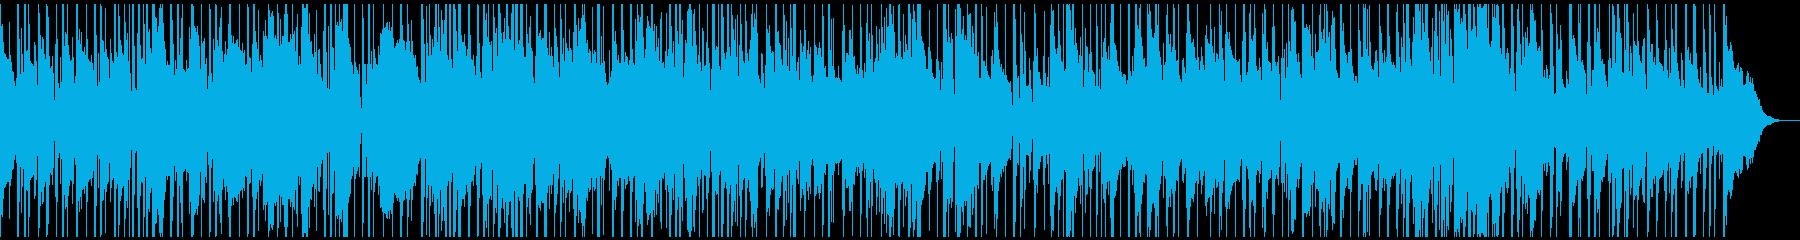 生音・おしゃれな大人のスムースジャズの再生済みの波形